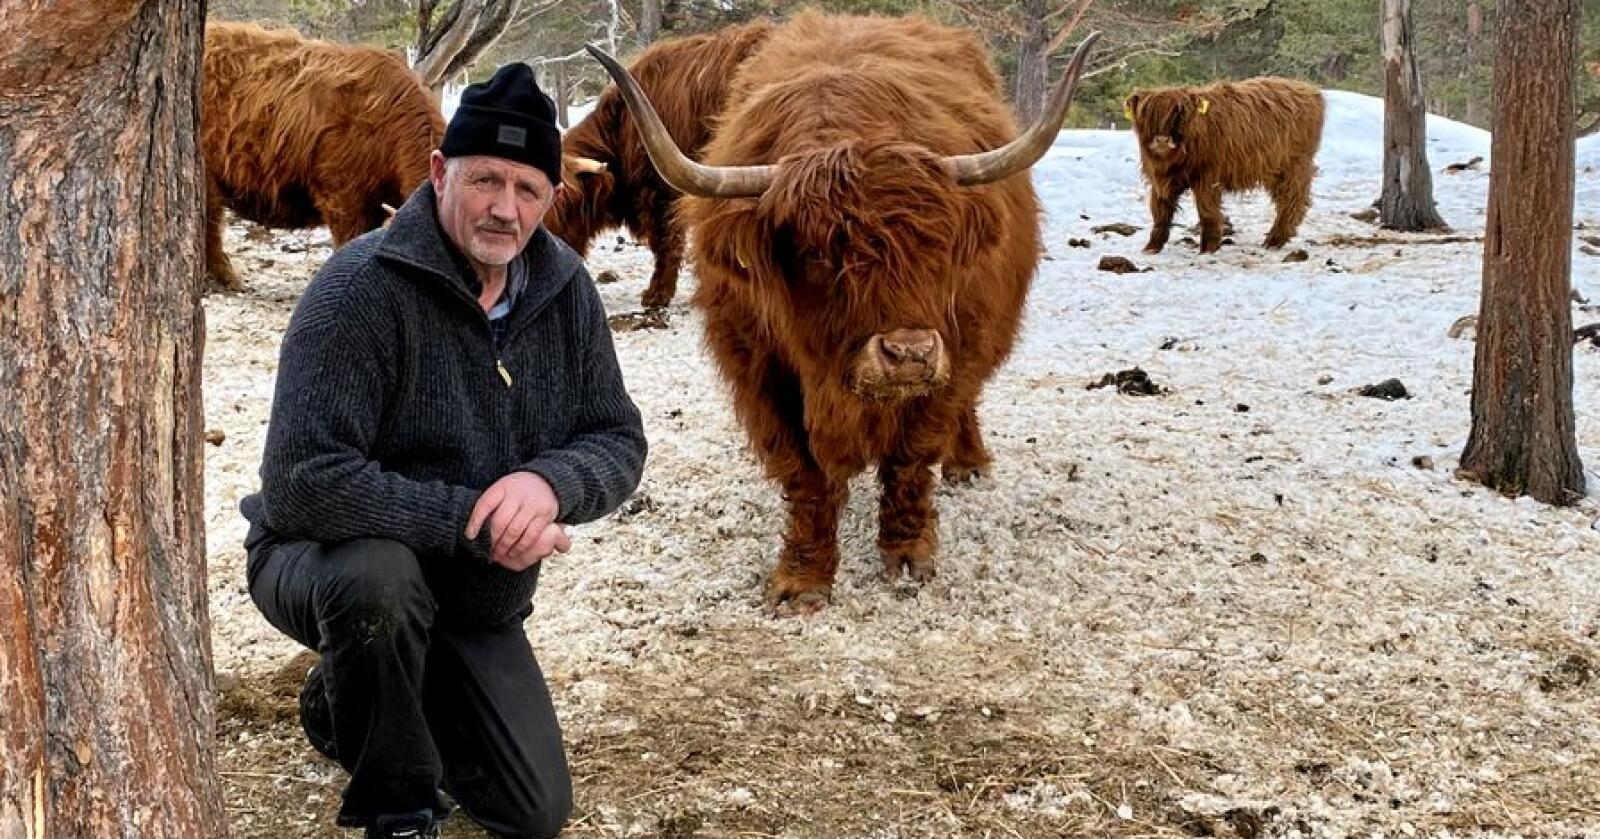 Frykter konsekvensene: Gårdbruker Erling Lusæter i Heidal har i over 30 år levert hundrevis av det skotske urfeet høylandsfe med store horn til slakt hos Nortura. Han frykter store fratrekk hos Nortura – samt mottaksstopp for høylandsfe hos Furuseth, får konsekvenser for utviklingen av gamle feraser med store horn. Alle foto: Bård Bårdløkken